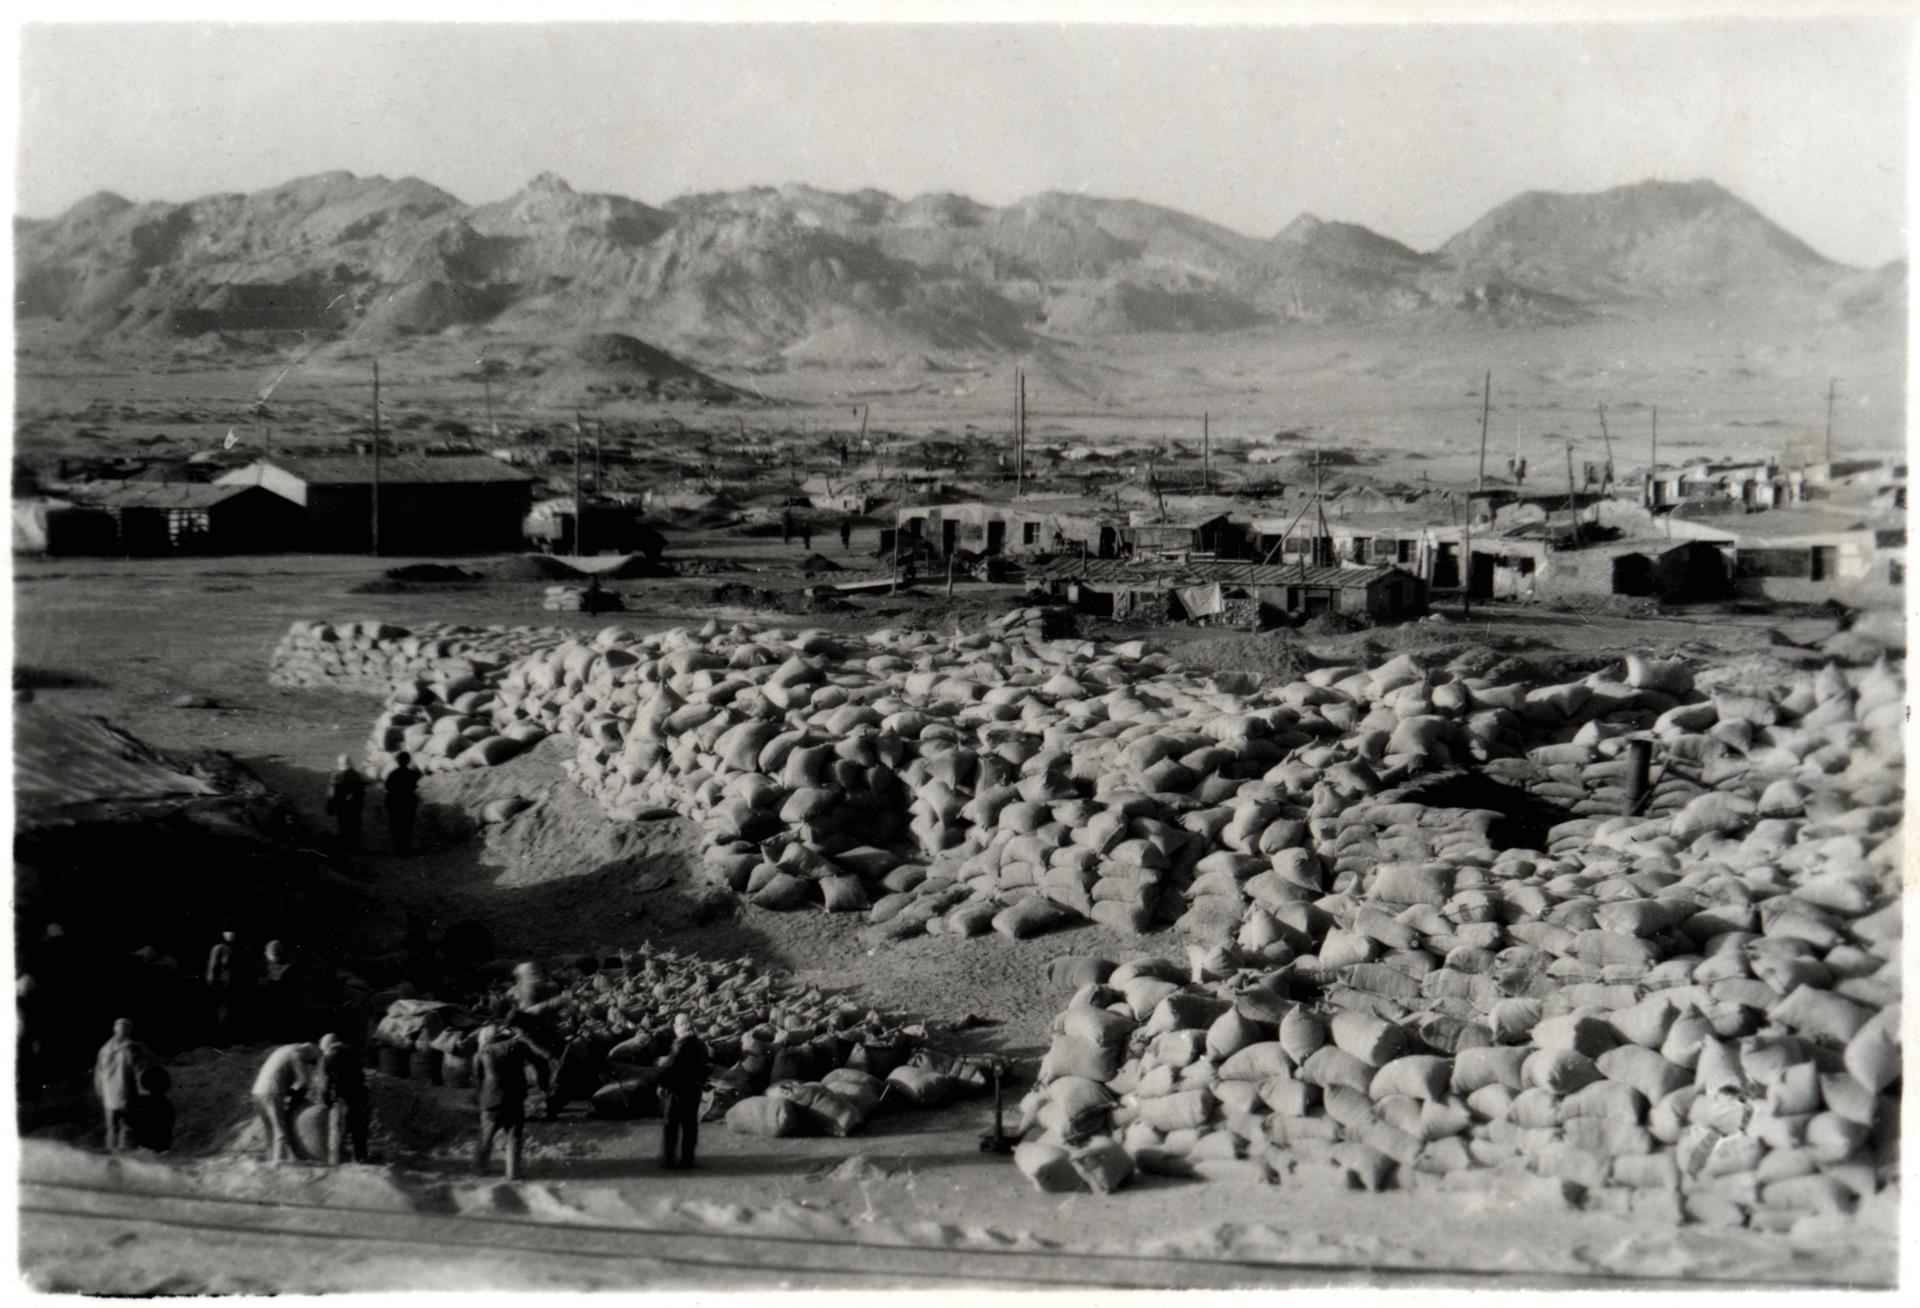 1.上世紀60年代選礦生產場景